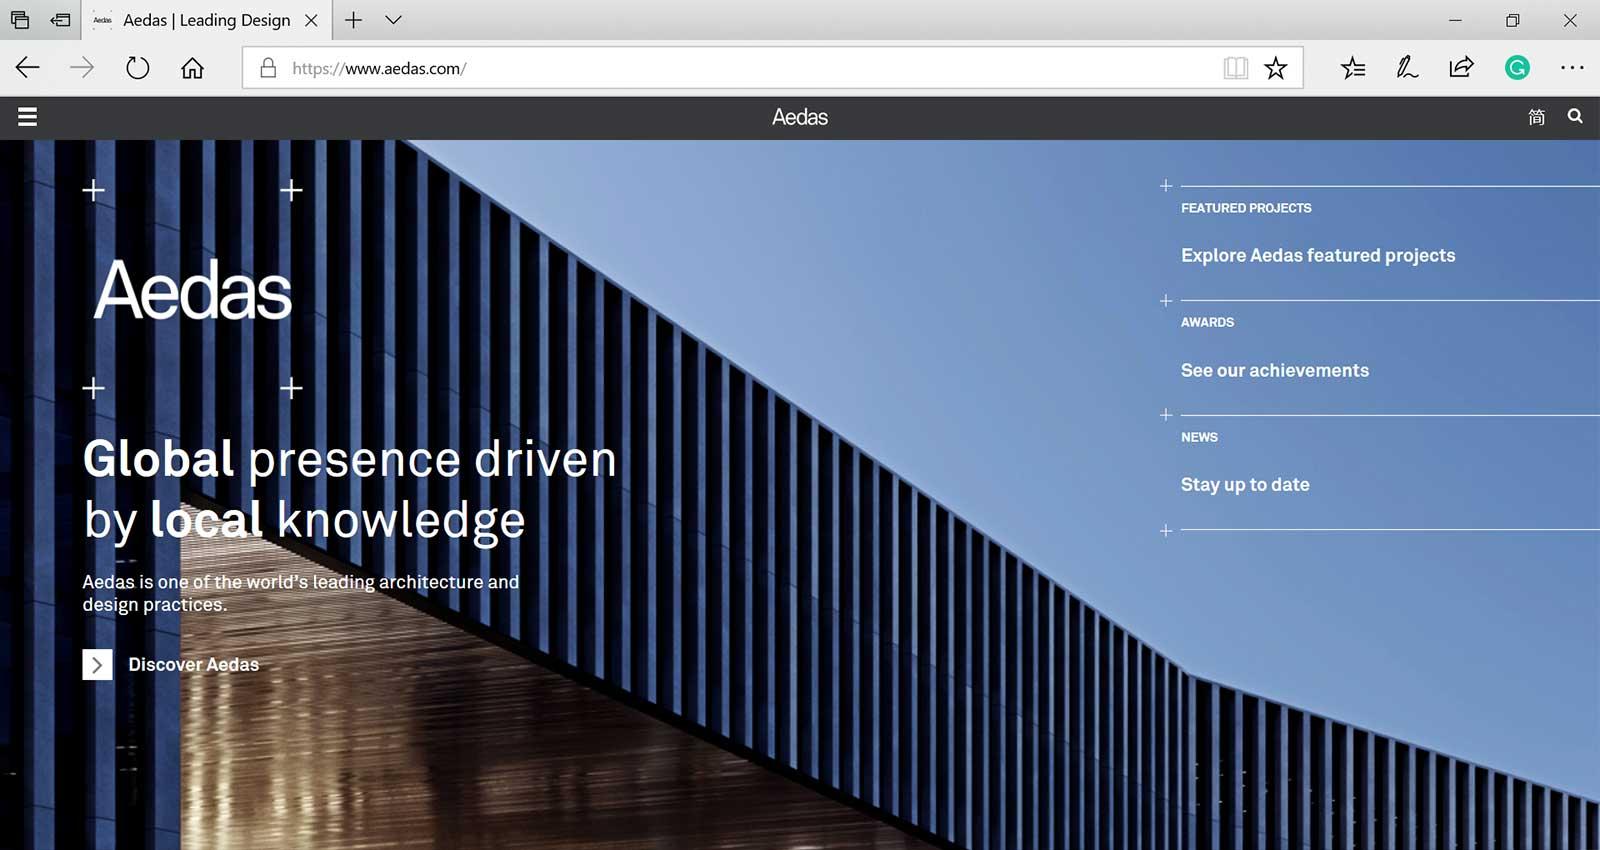 Top 15 Architecture Studio Websites of 2017 - Aedas